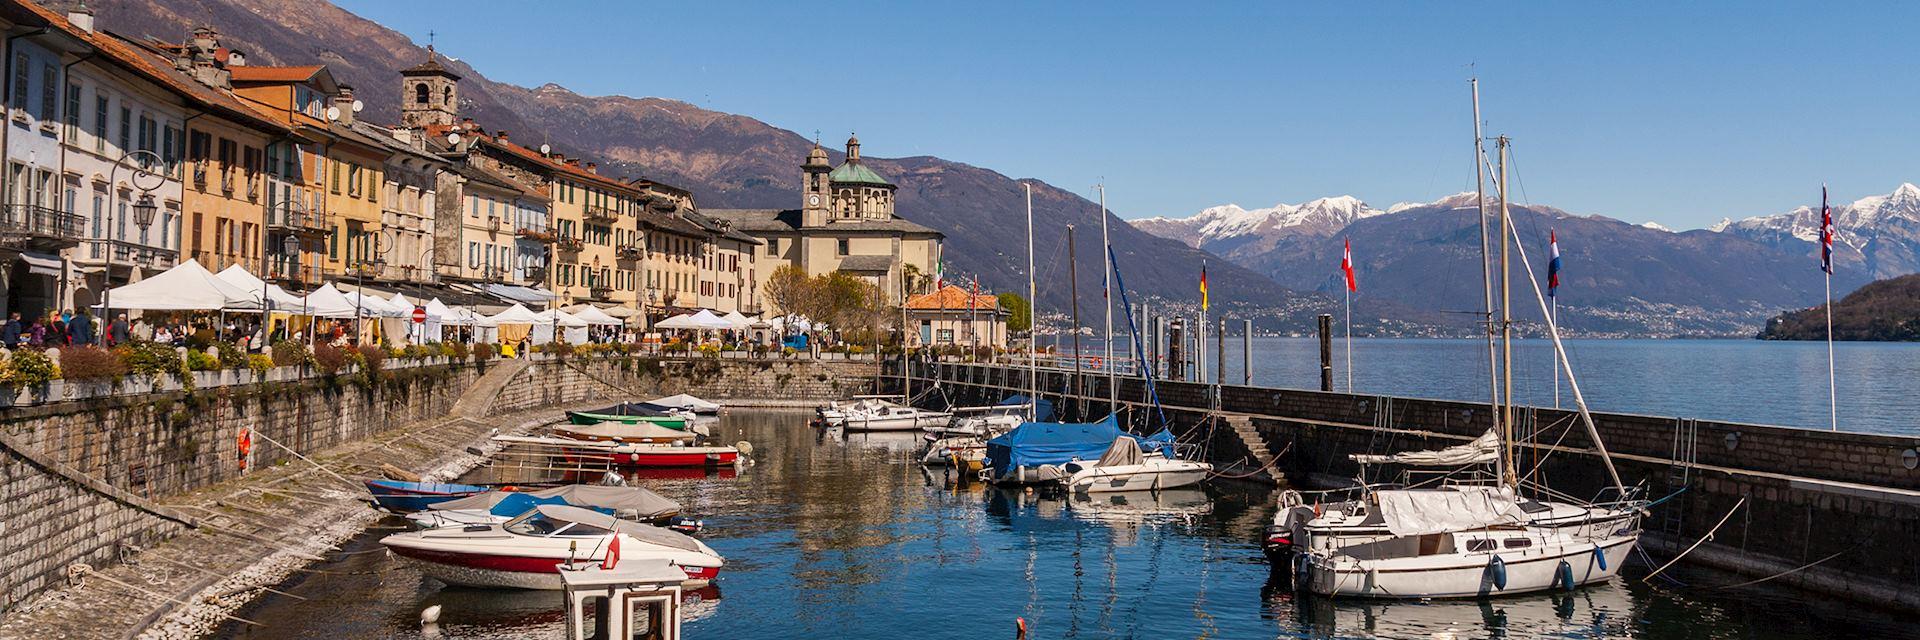 Cannero Riviera, Lago Maggiore, Verbania